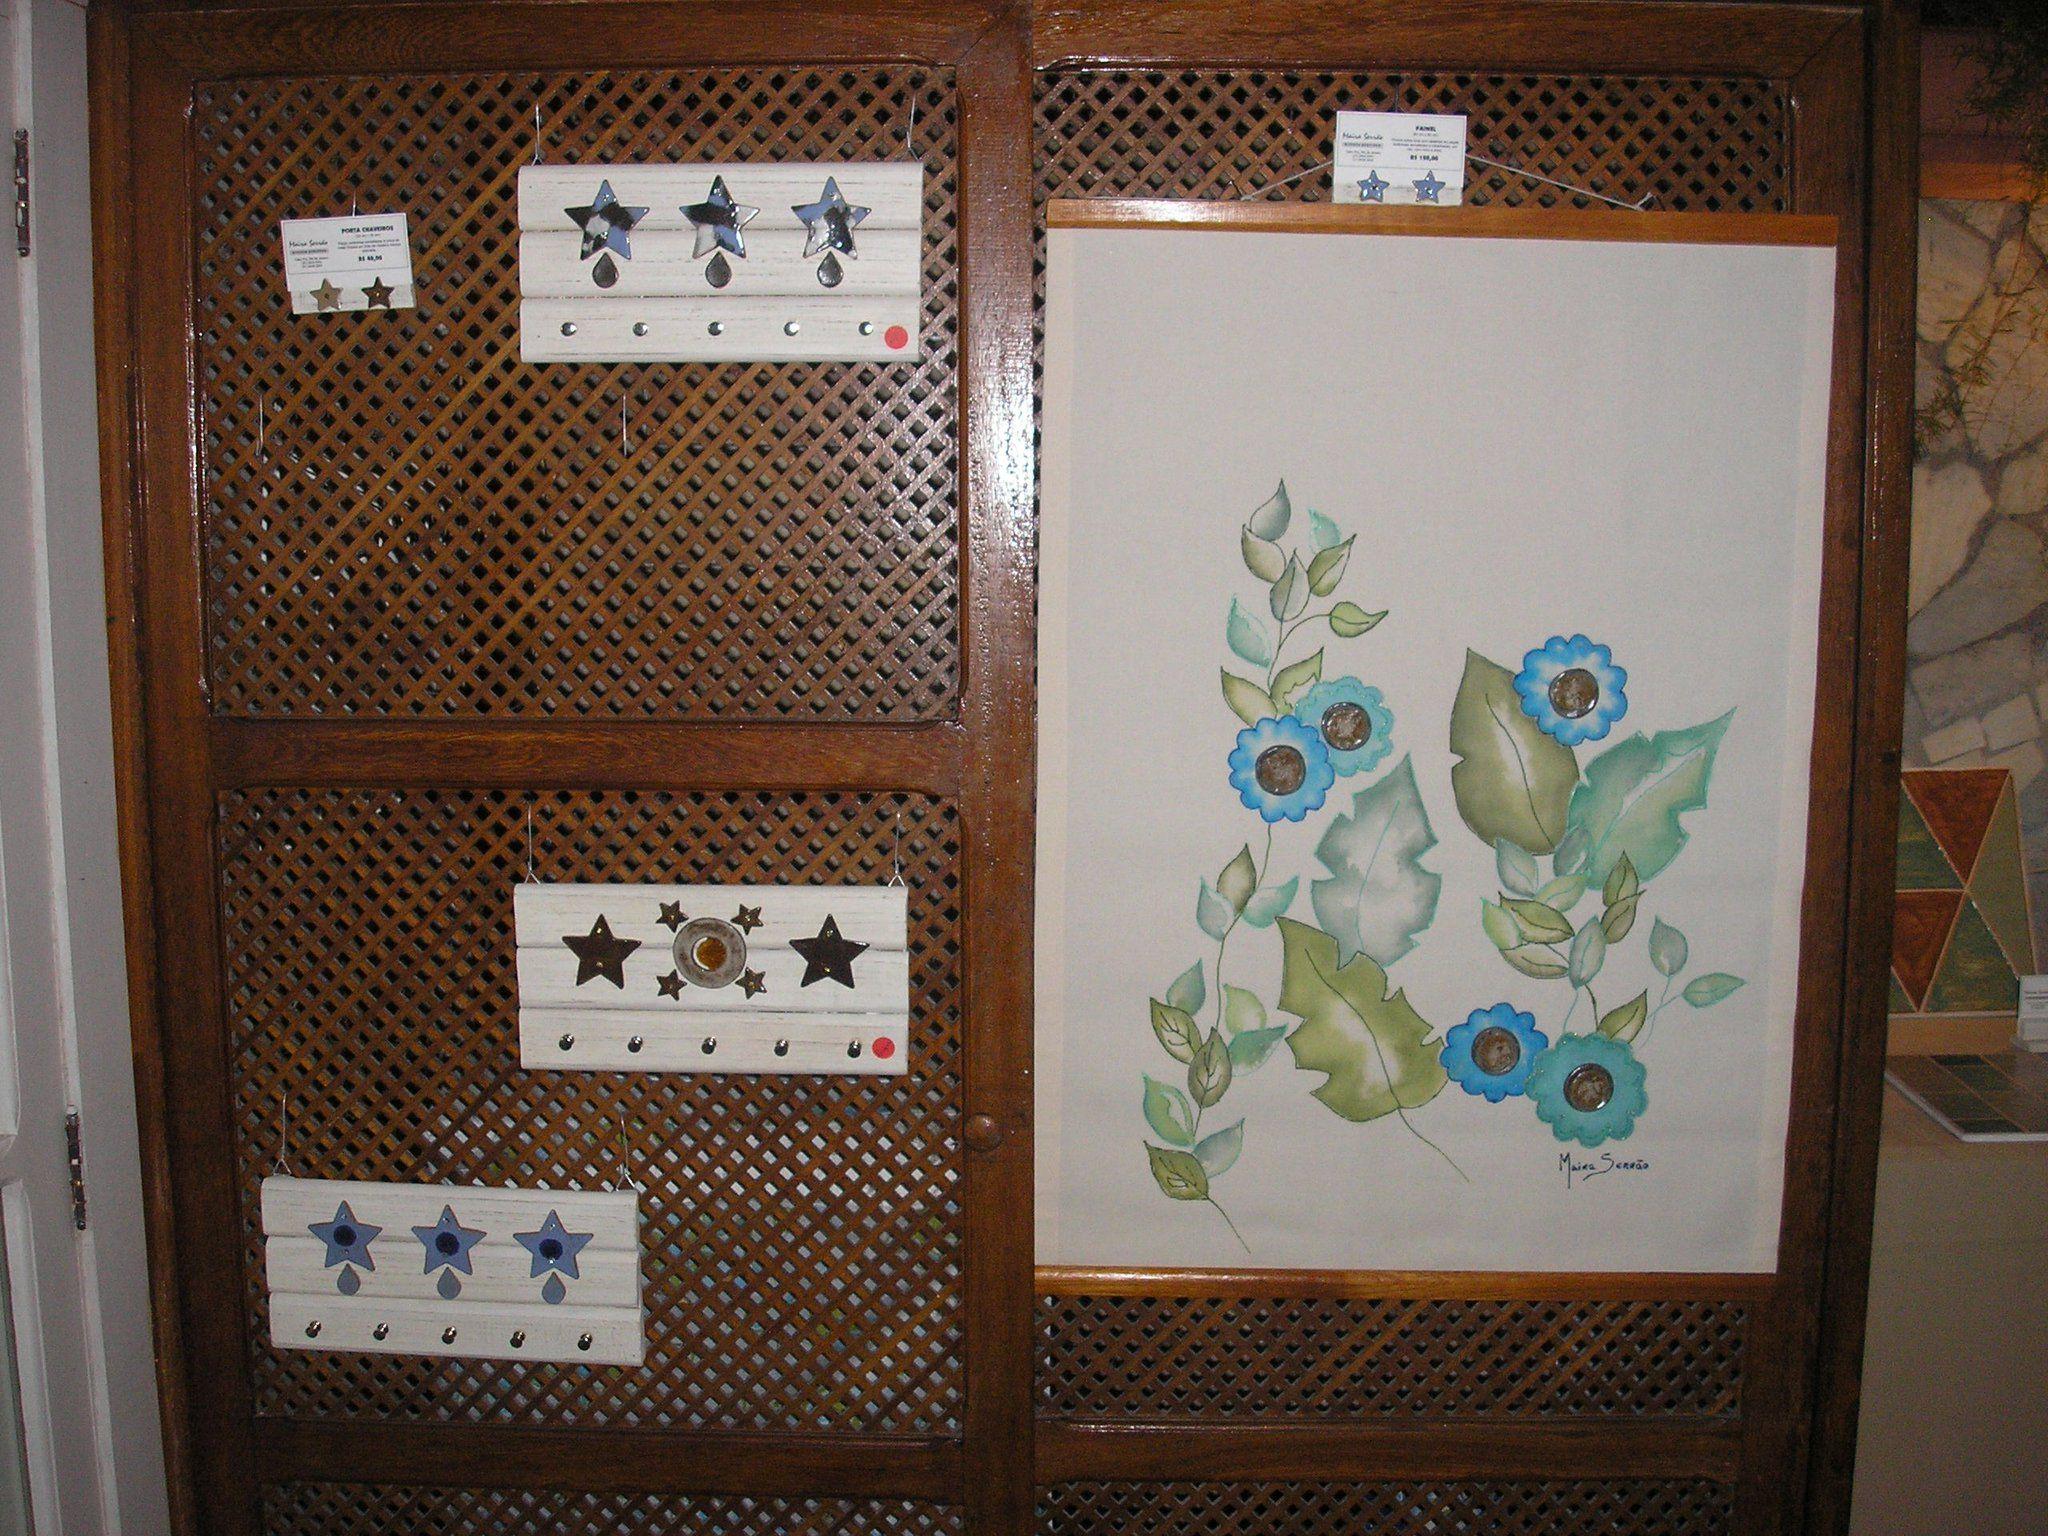 Painel pintado com detalhes em cerâmica e trabalhos em madeira.